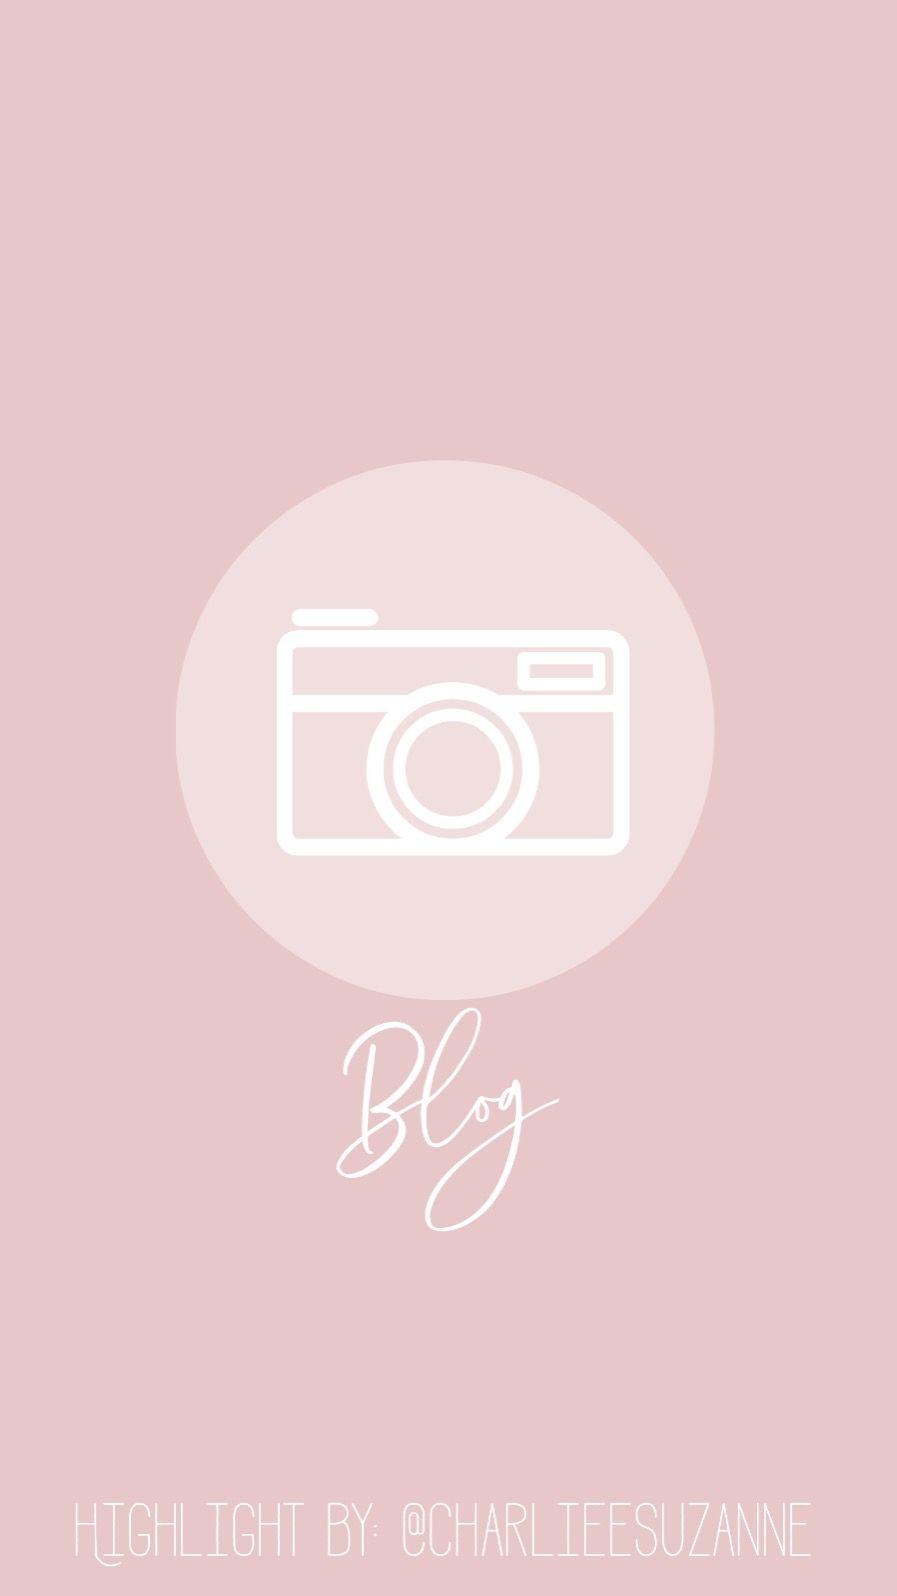 Fondos para portadas de instagram